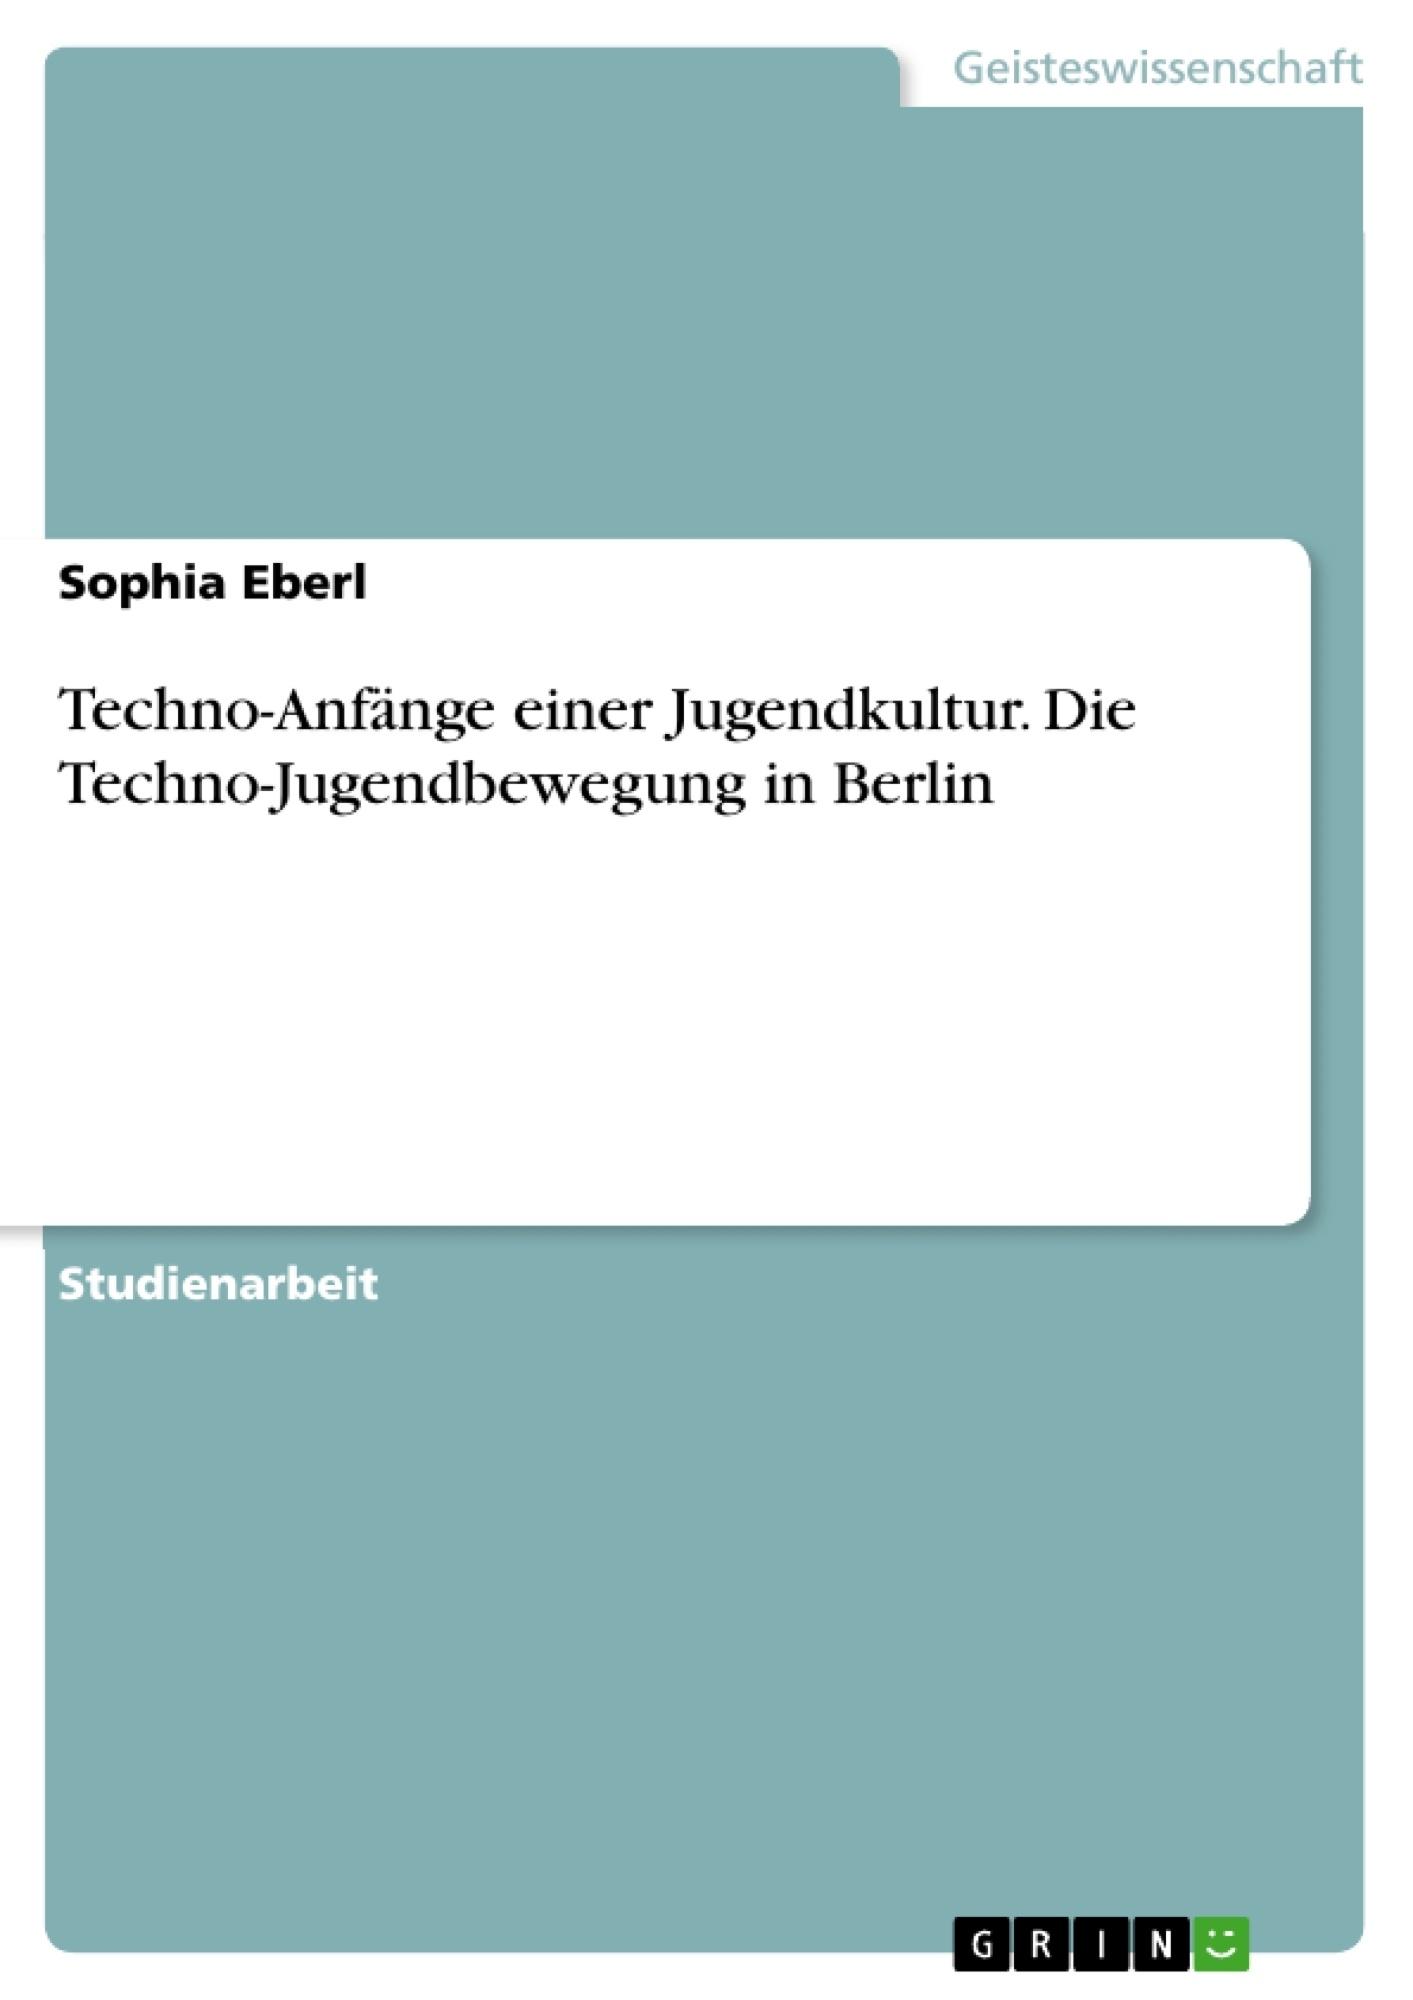 Titel: Techno-Anfänge einer Jugendkultur. Die Techno-Jugendbewegung in Berlin